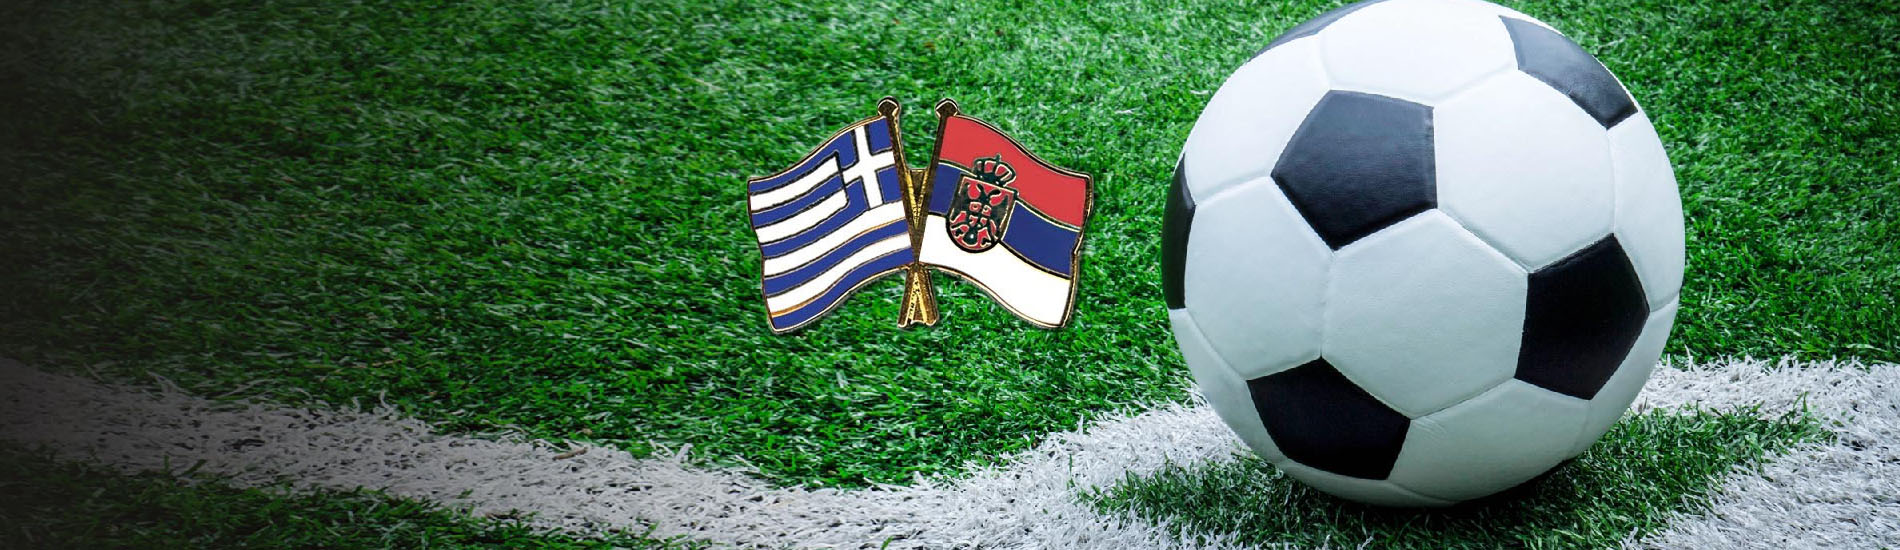 Συμμετοχή της ΙΡΑ Καρδίτσας σε τουρνουά ποδοσφαίρου στο Νις Σερβίας